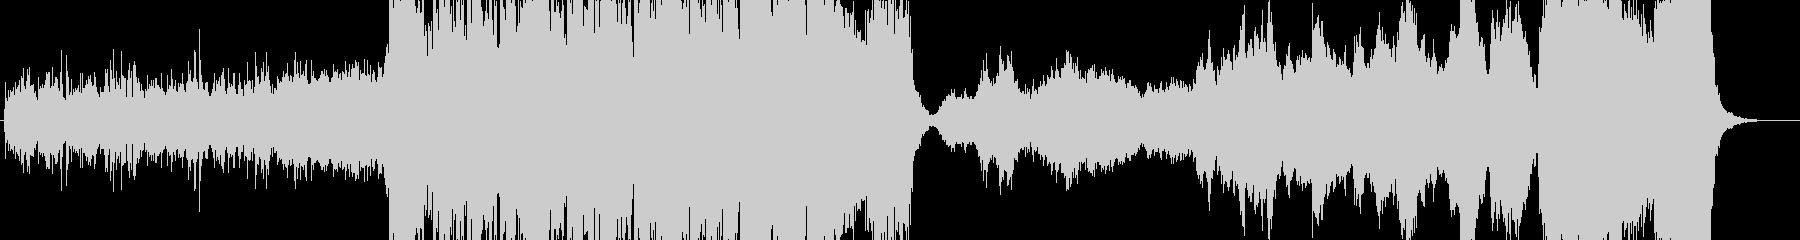 激しいリズム/クワイア/オーケストラの未再生の波形